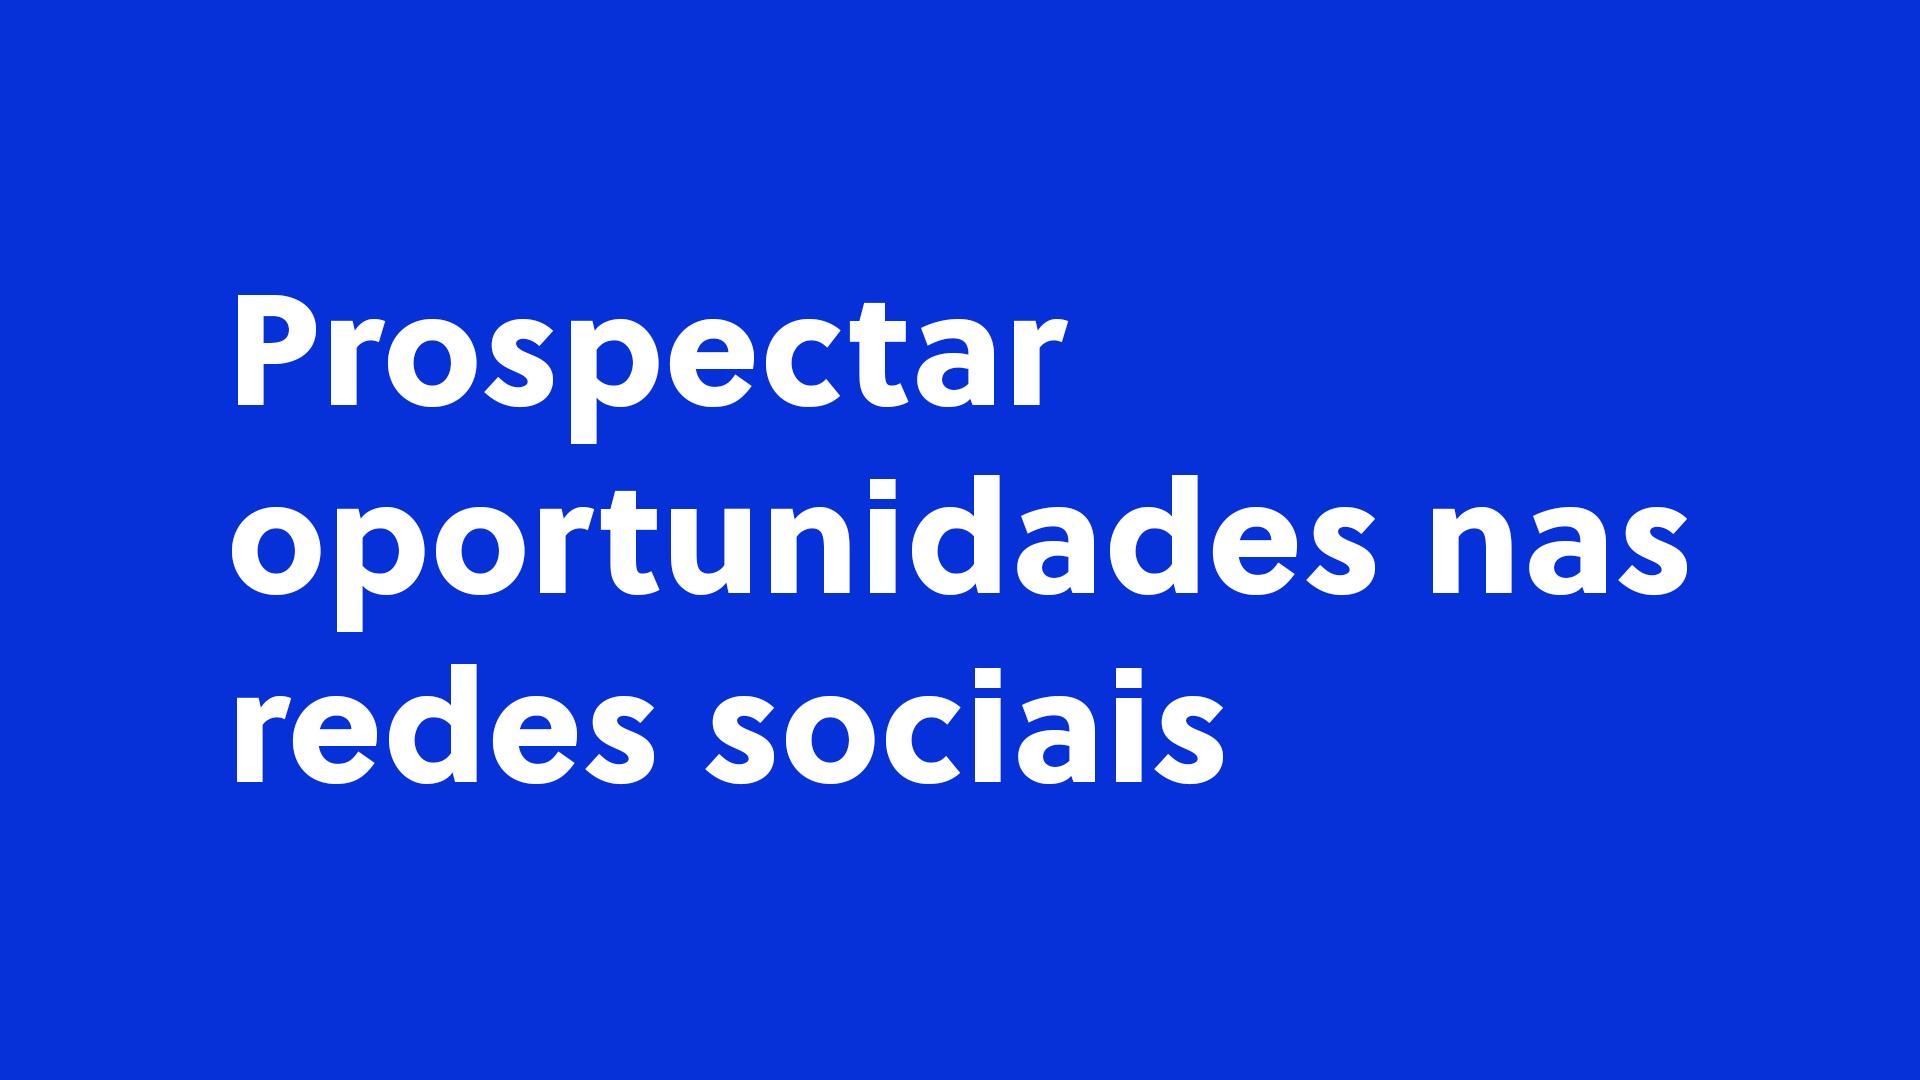 Prospectar oportunidades nas redes sociais